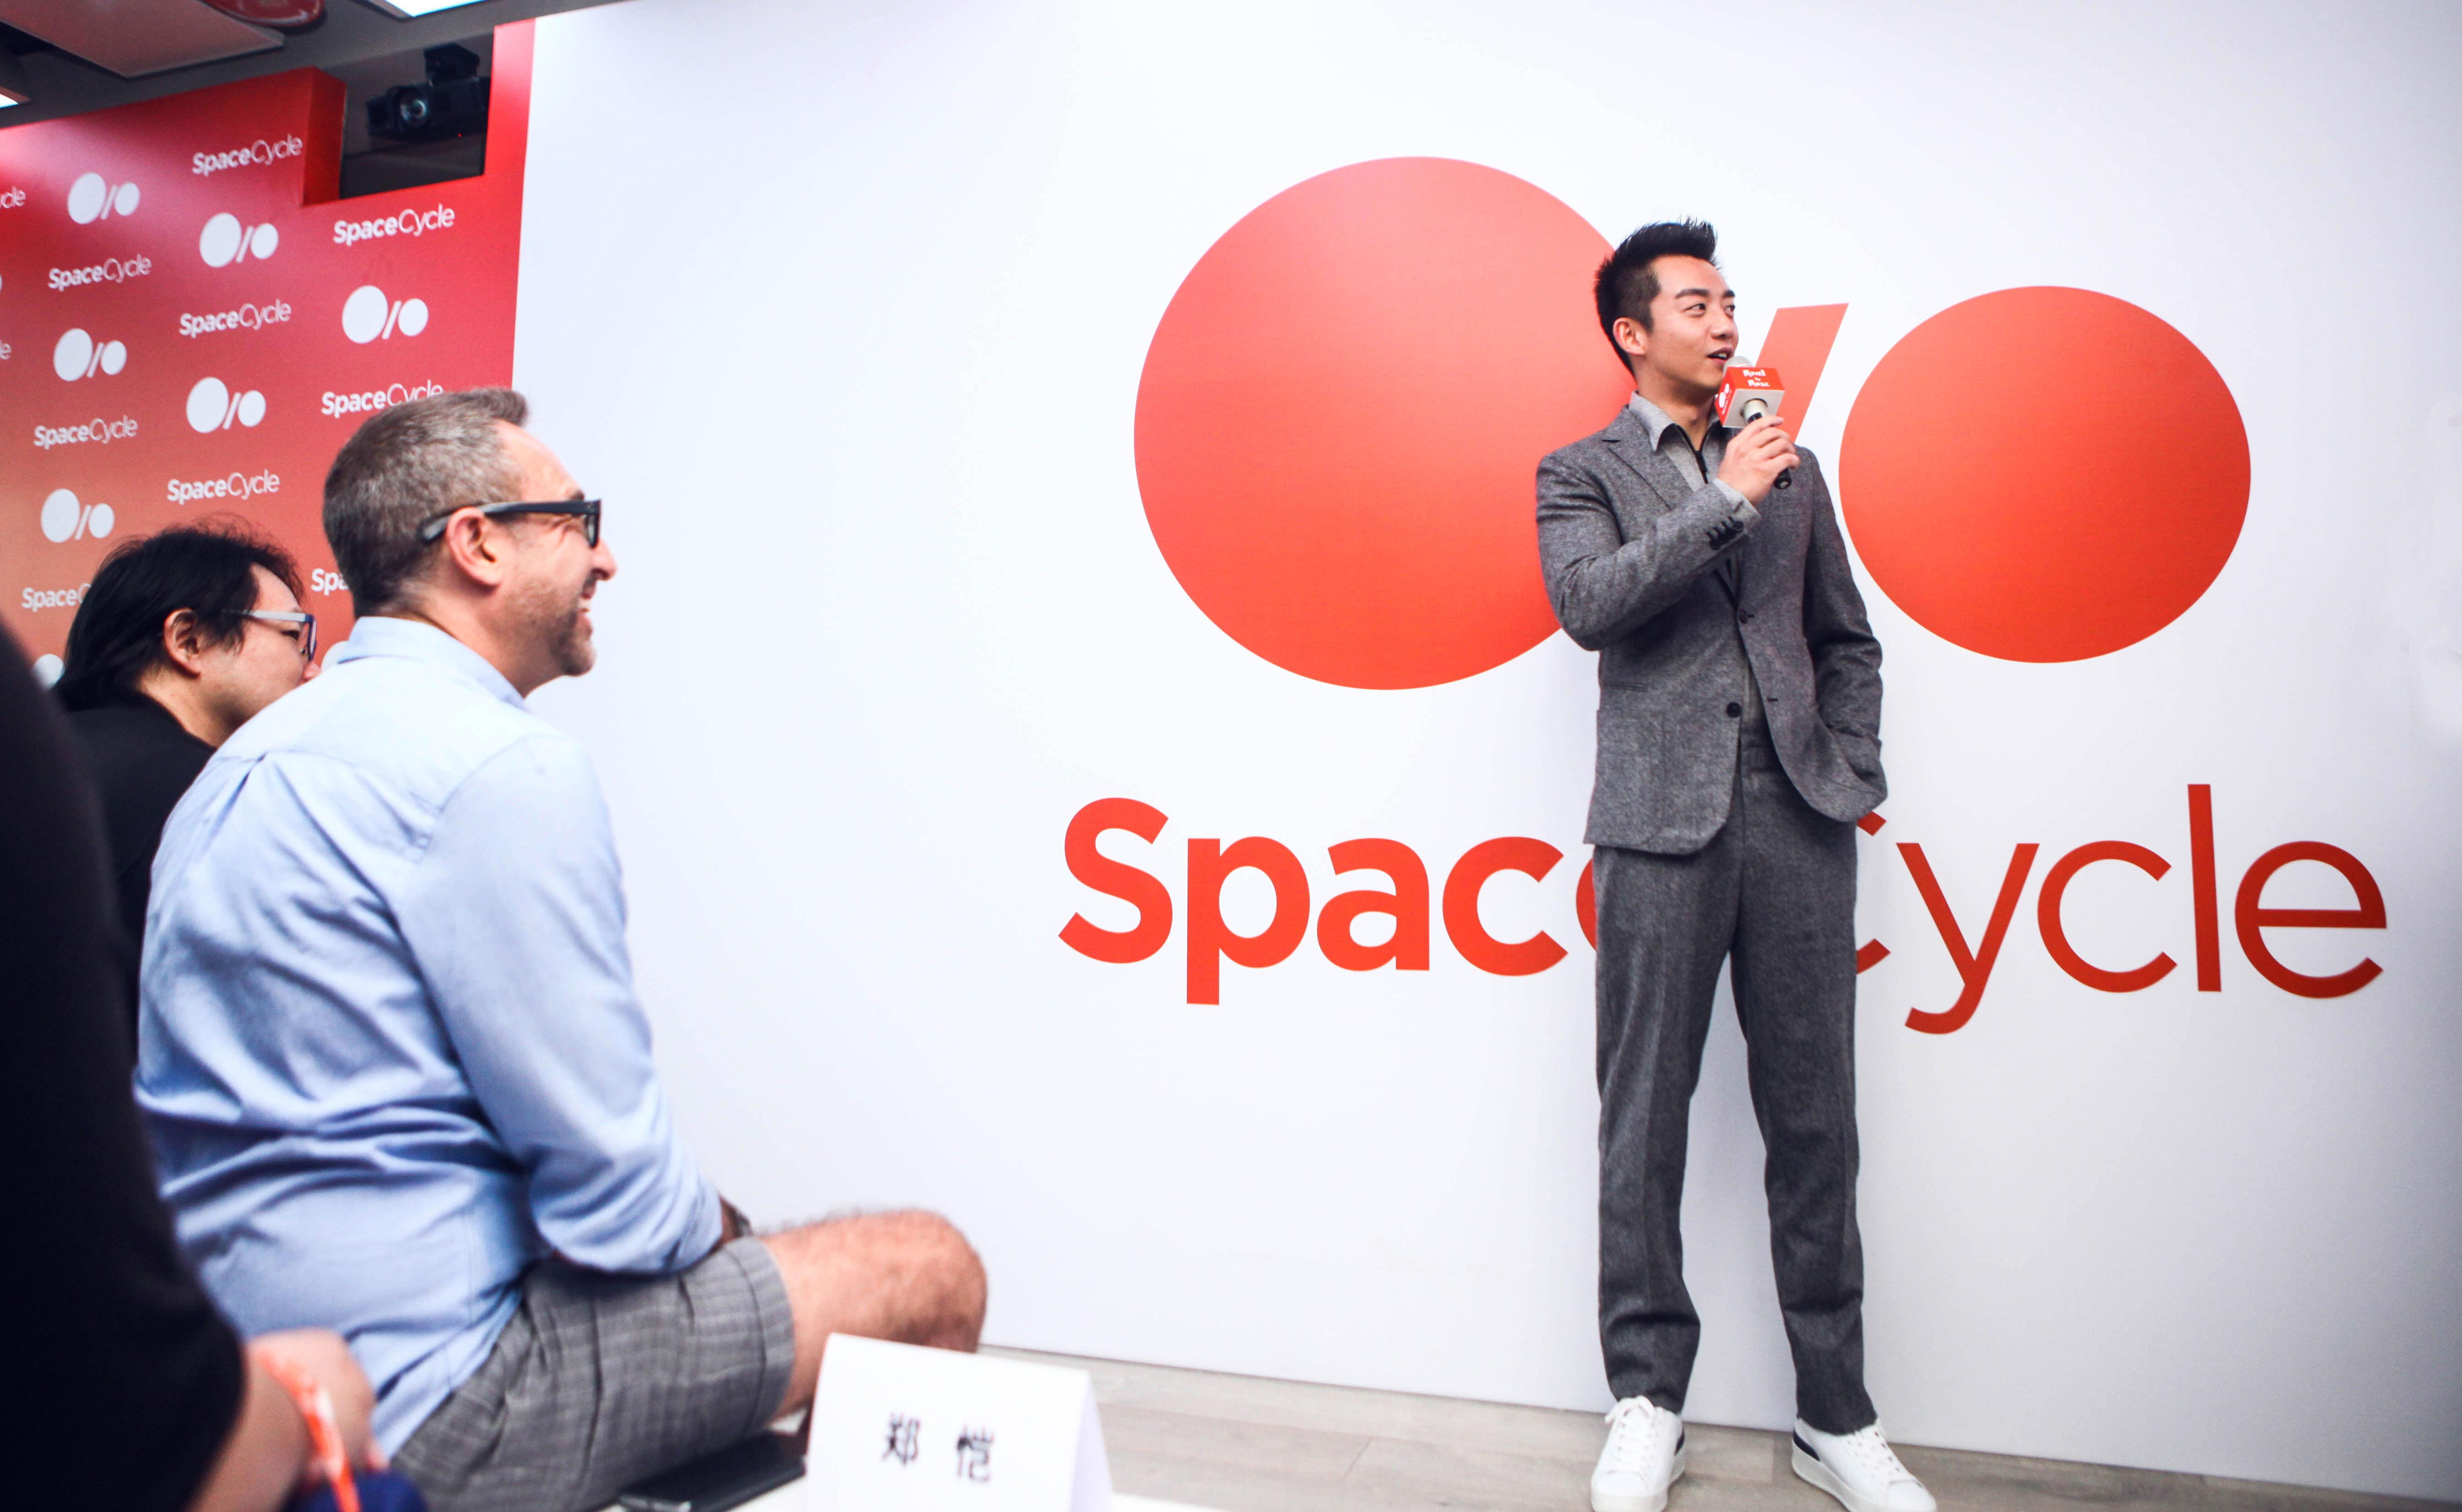 """当日,投资人的好朋友郑恺先生和吉克隽逸小姐也现身SpaceCycle开幕仪式现场。作为运动与音乐领域的时尚代表,两位嘉宾在现场分享了对于音乐与运动的理解。郑恺表示:""""我平时就热衷于各种运动,这已经成为我生活中的一部分。SpaceCycle以音乐激发运动热情,创造全新娱乐运动模式,并在运动过程中结识新朋友、分享音乐爱好,这是一件非常棒的事情!"""""""